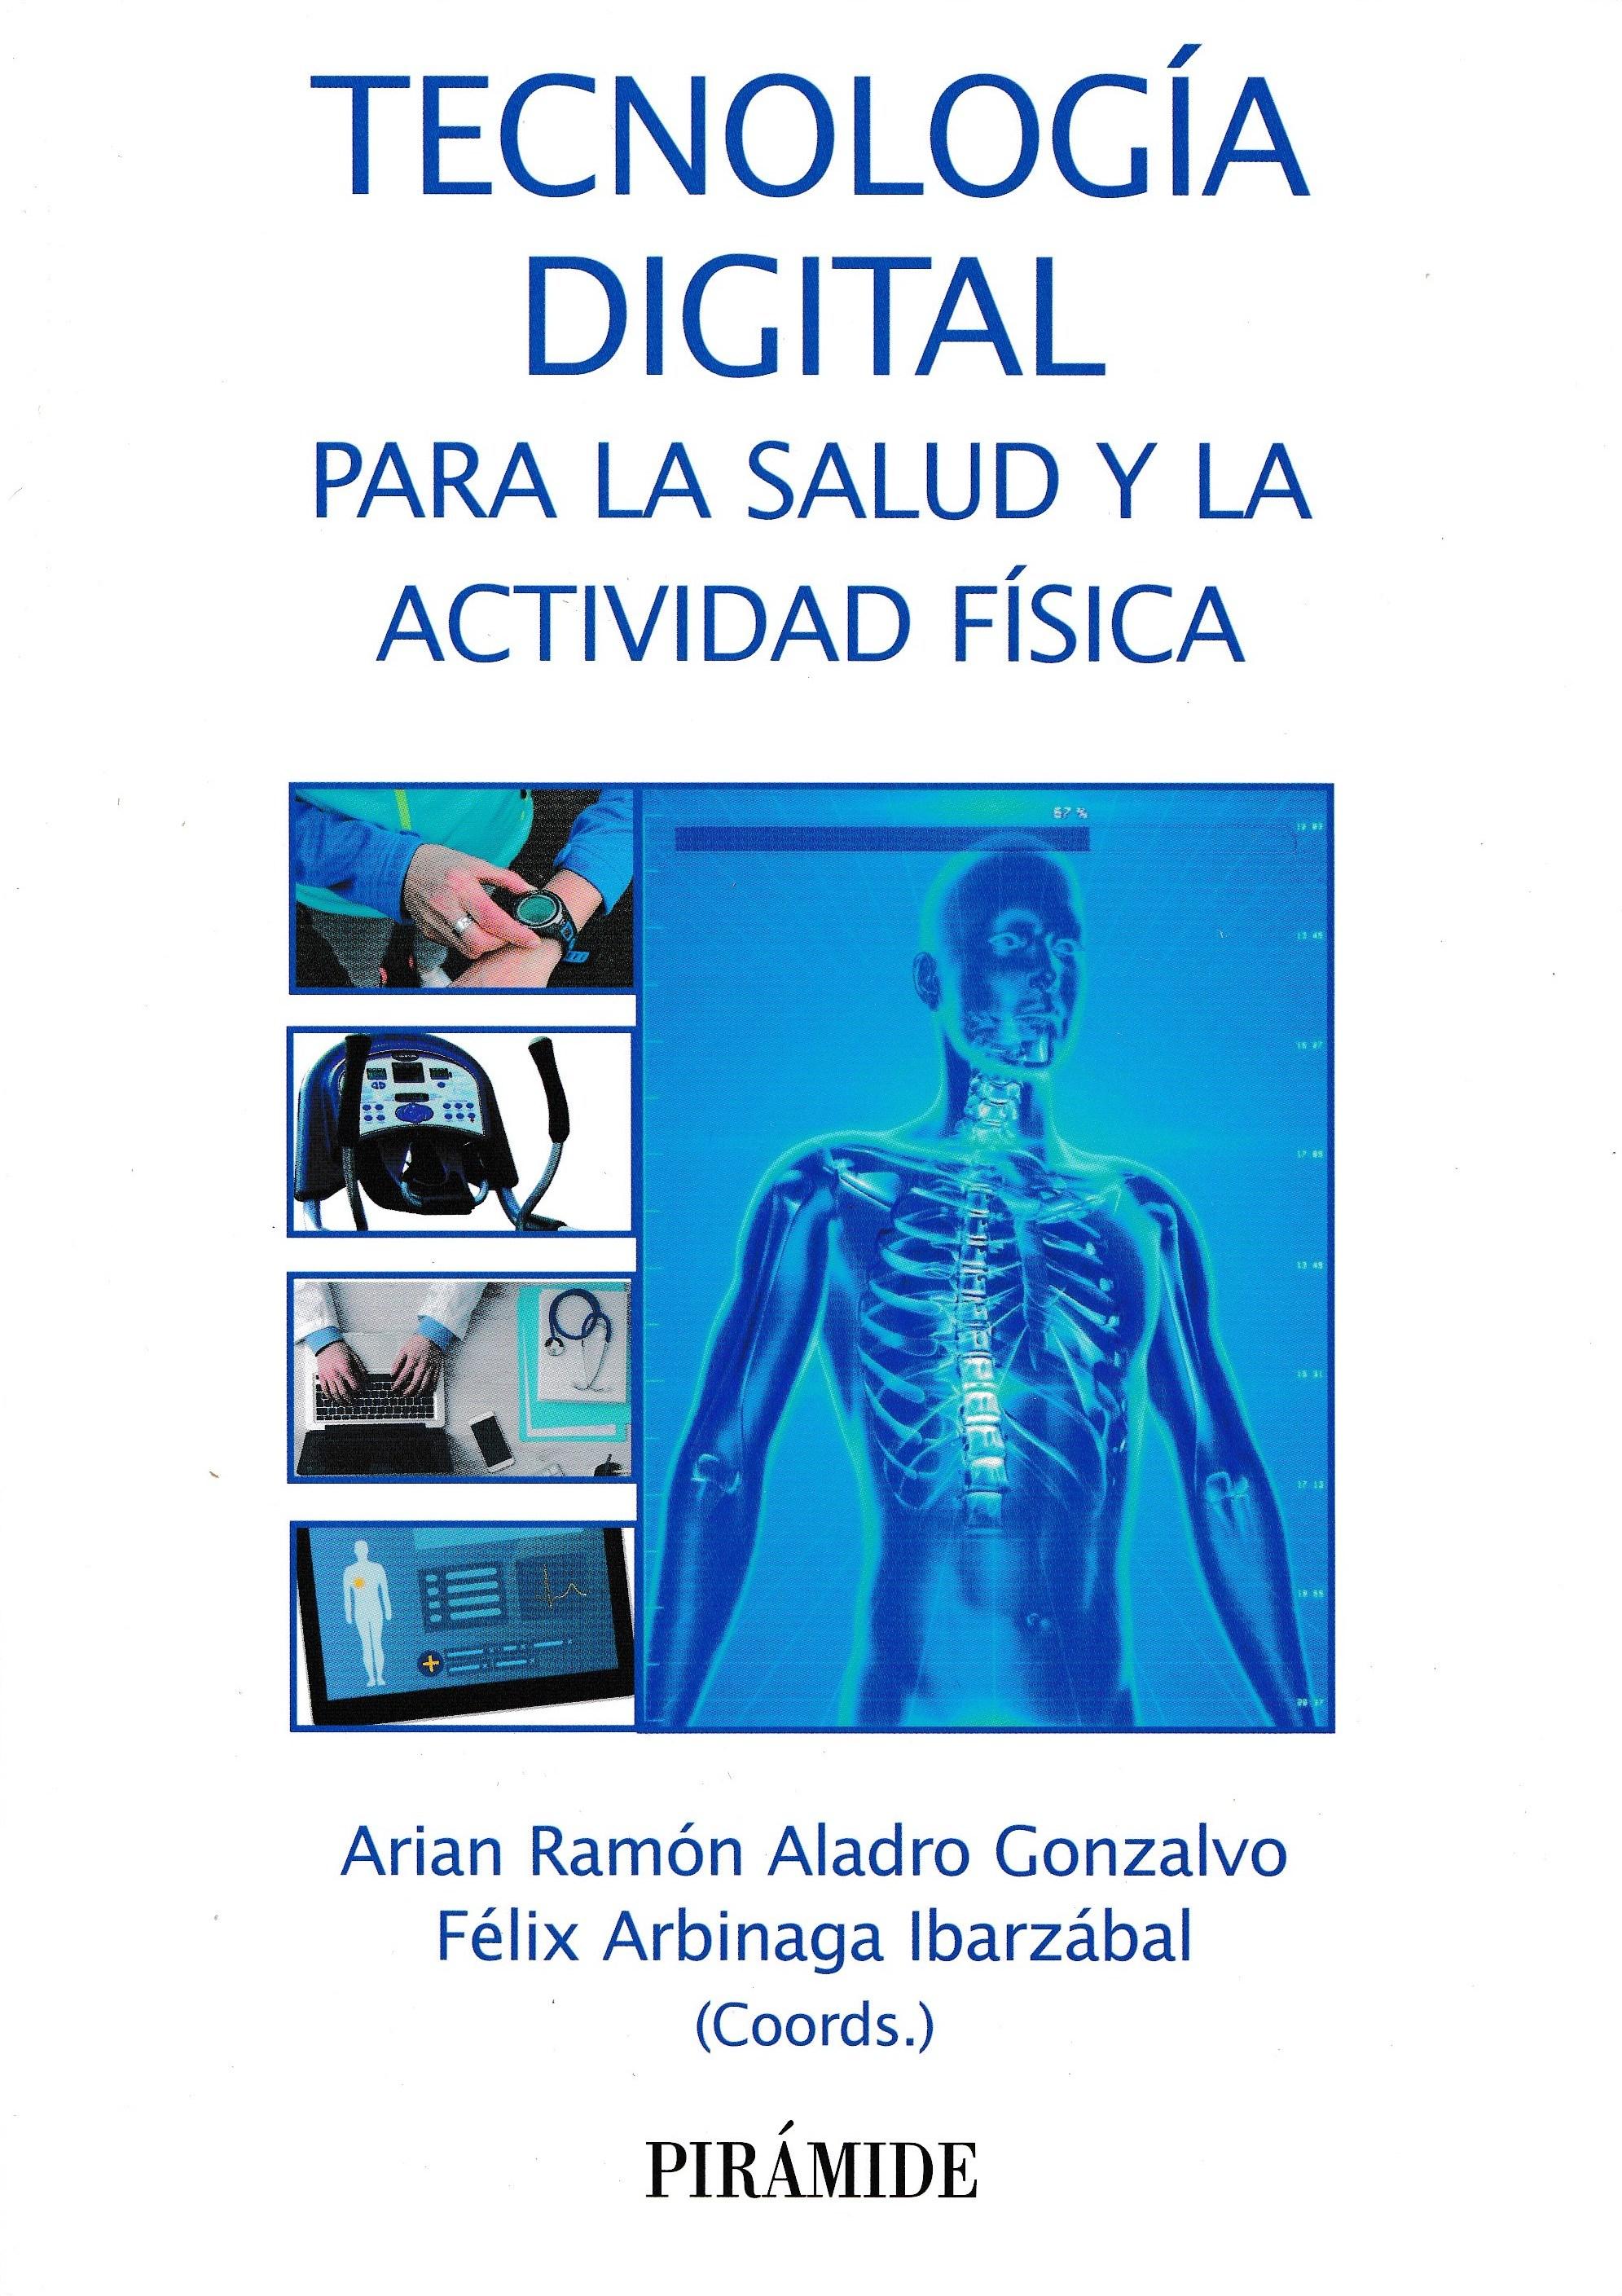 Presentación del libro «Tecnología Digital para la Salud y la Actividad Física»